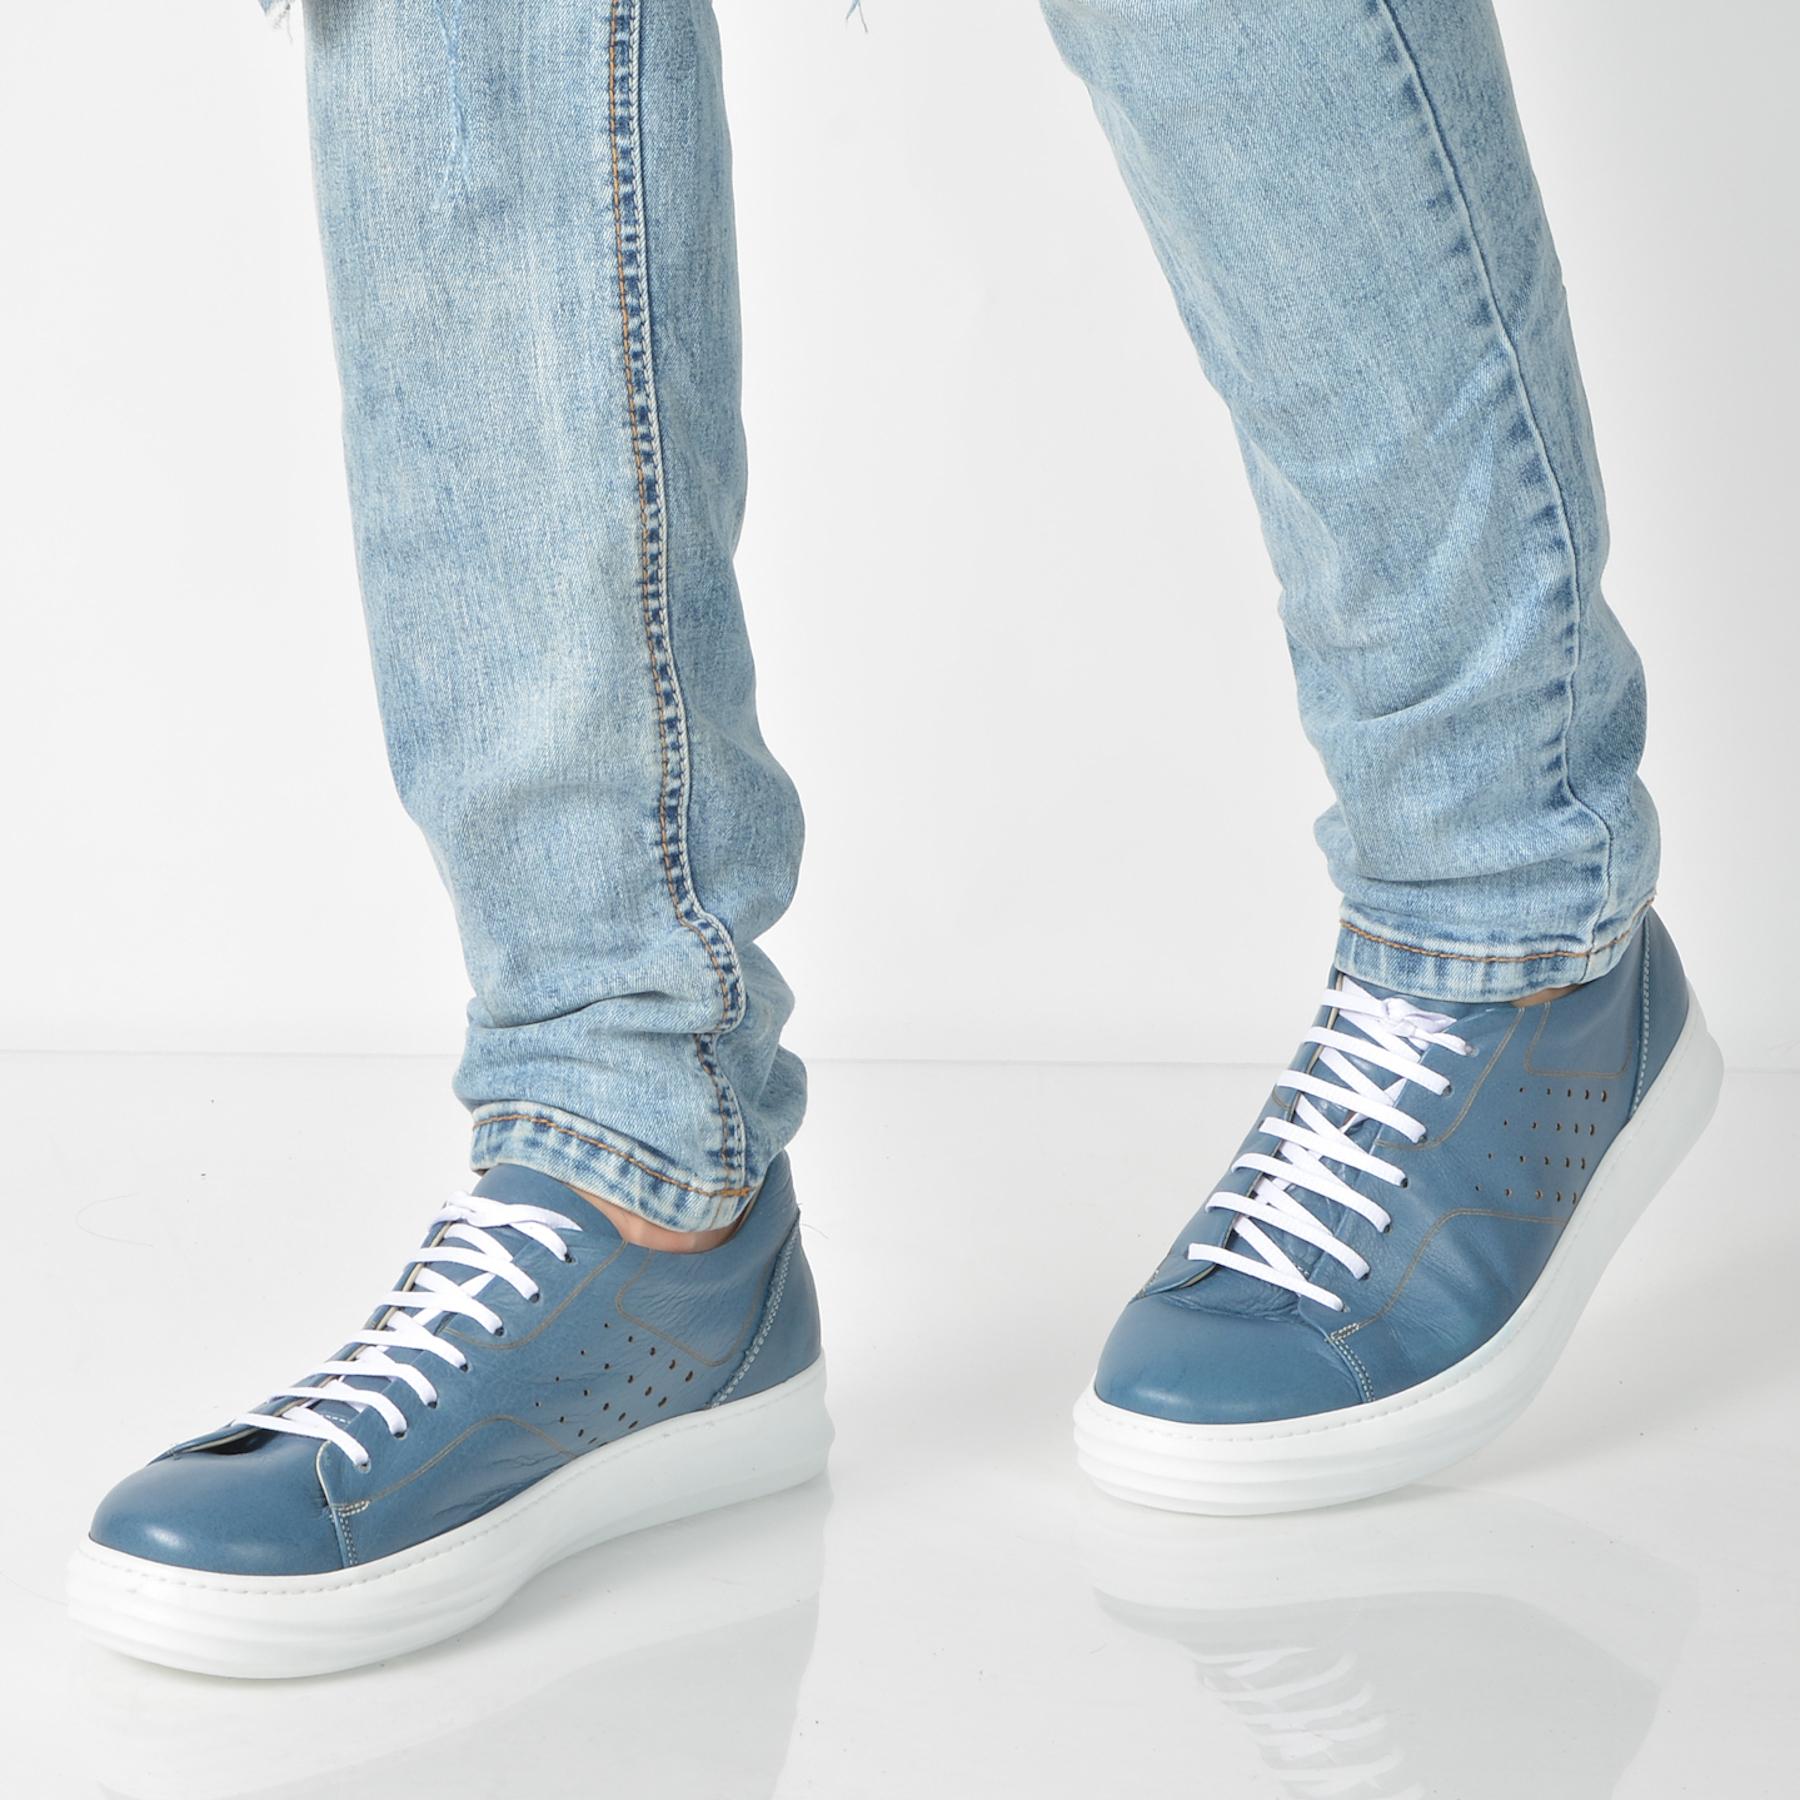 Pantofi Gryxx Albastri, 13401, Din Piele Naturala